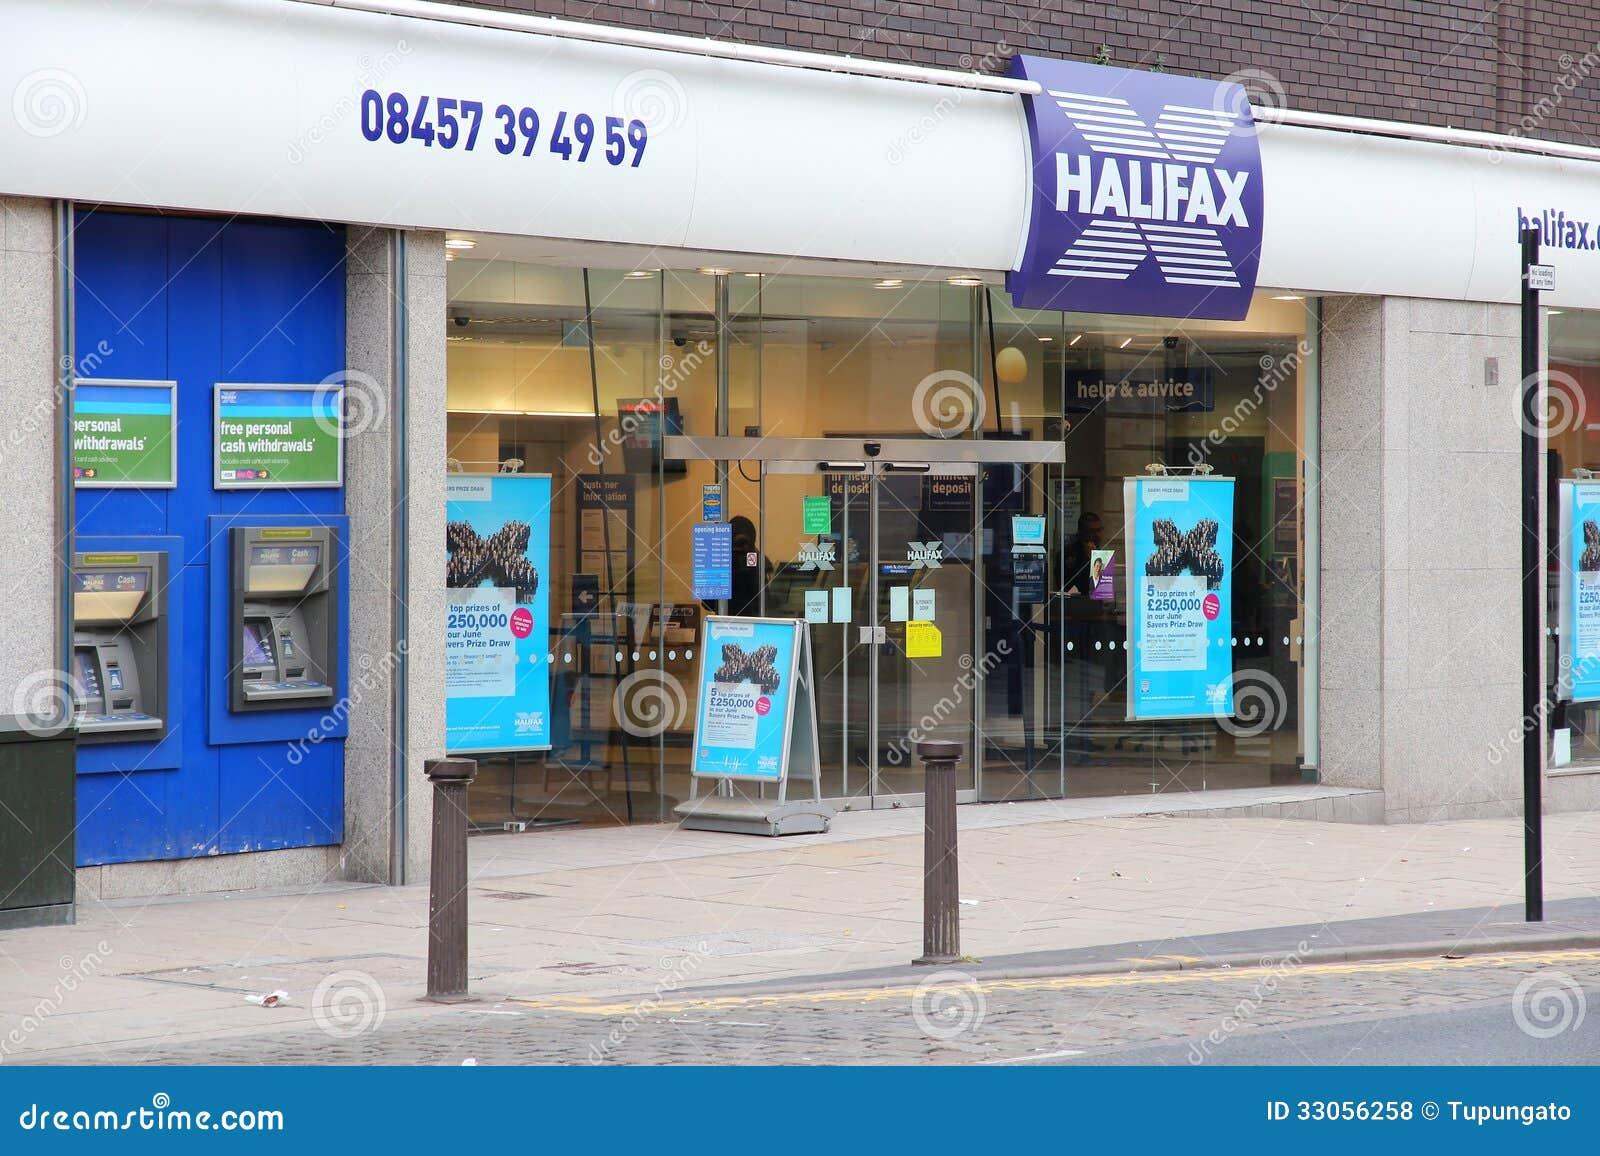 group halifax uk escorts